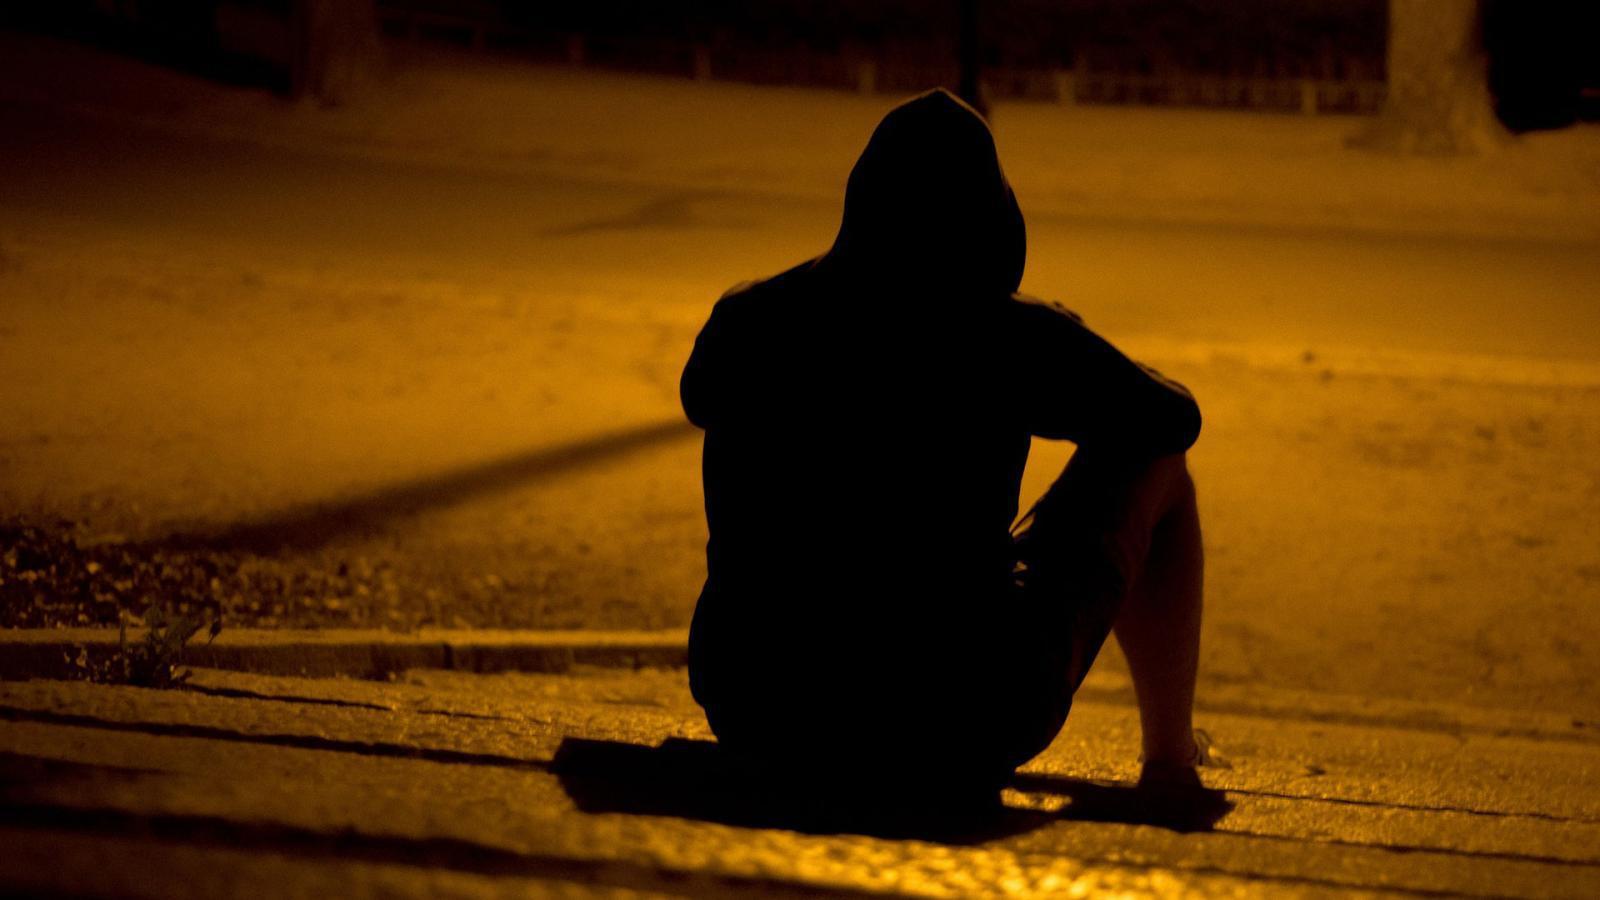 วันสุขภาพจิตโลก! สธ.ห่วงวัยรุ่นเสี่ยงฆ่าตัวตาย ปลุกสังคมเปิดใจพูดคุยรับฟังกัน